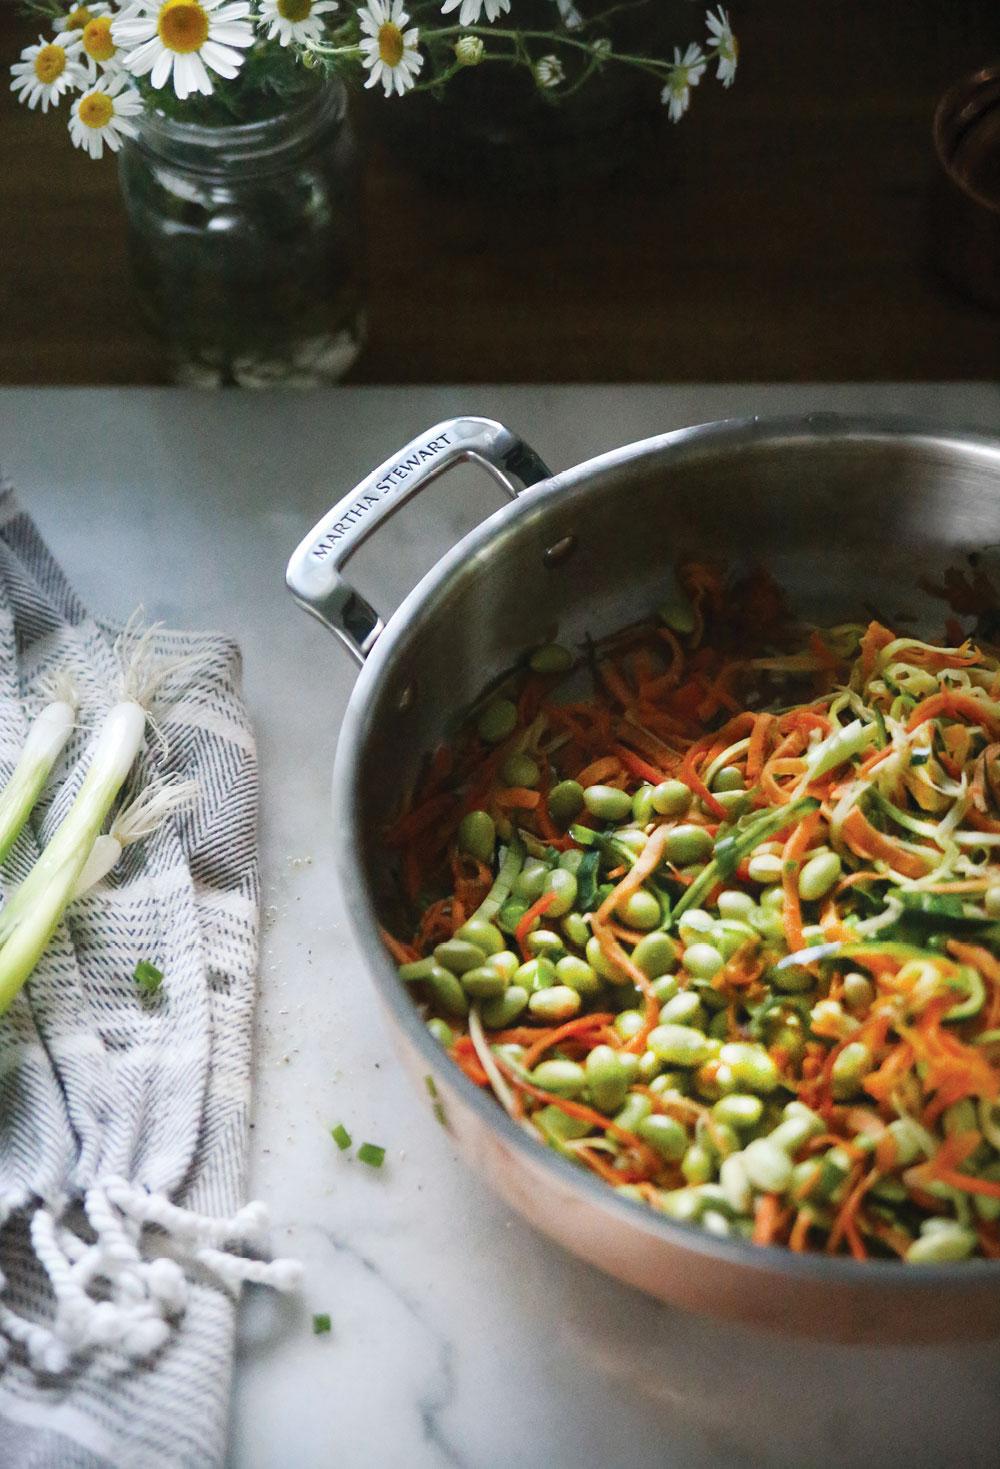 Sweet-Potato-Zoodle-Stir-Fry-Pure-Ella-Leche-Martha-Stewart-Tri-Ply-Copper-10-Pc.-Cookware-Set7